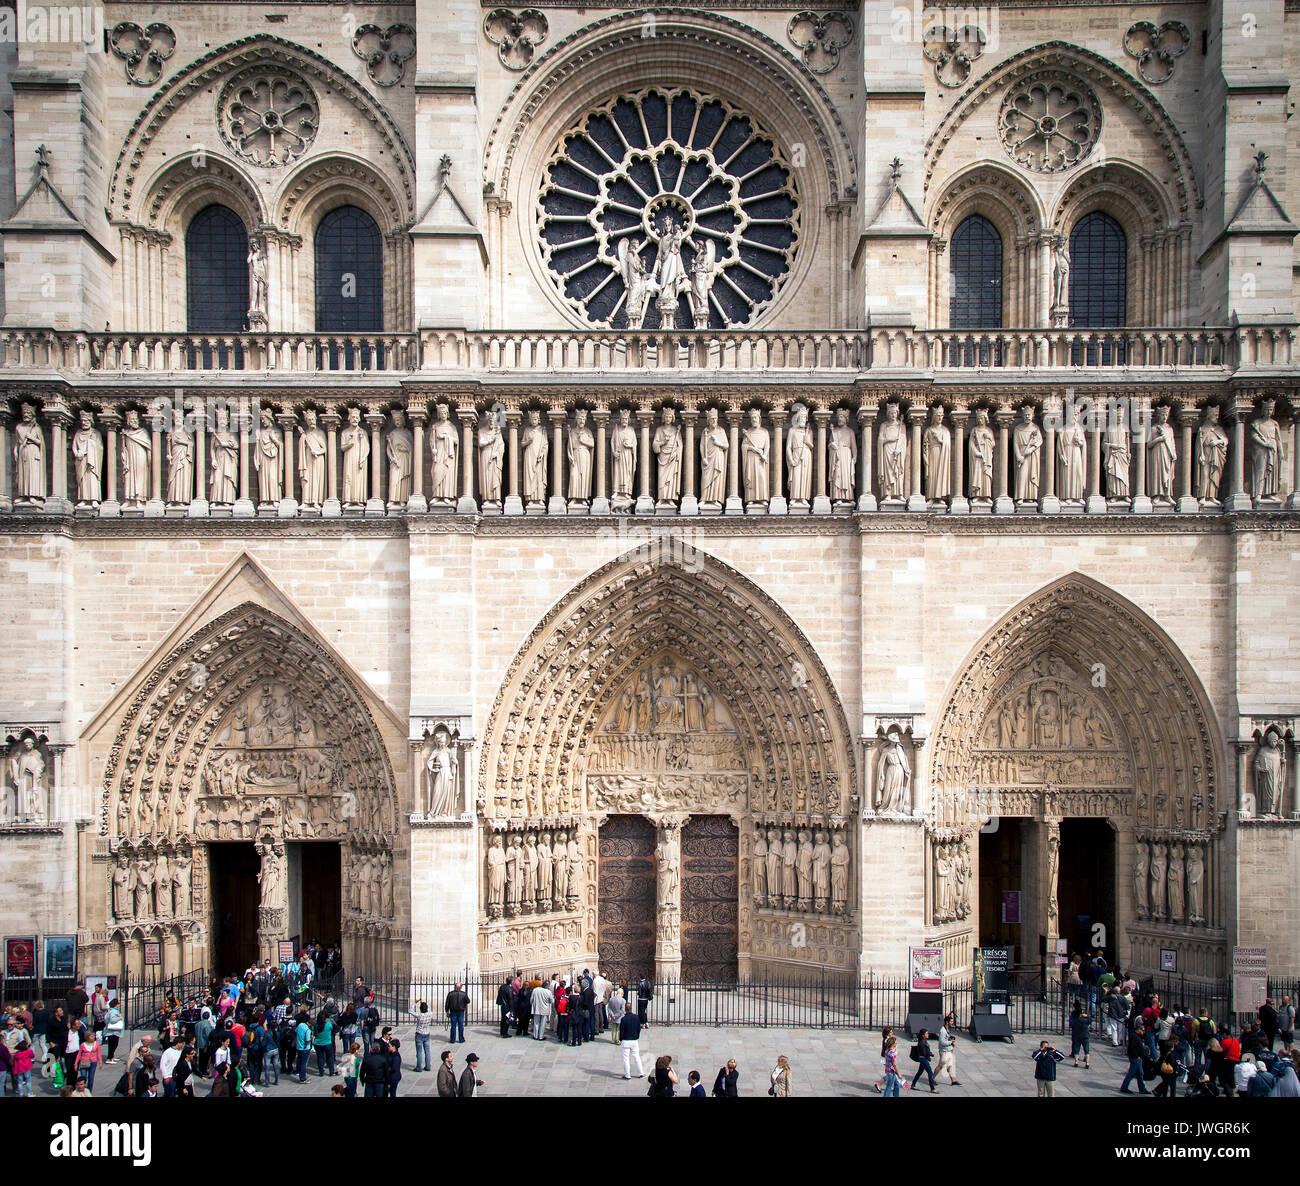 Fassade der Kathedrale Notre Dame, Paris Frankreich Stockbild